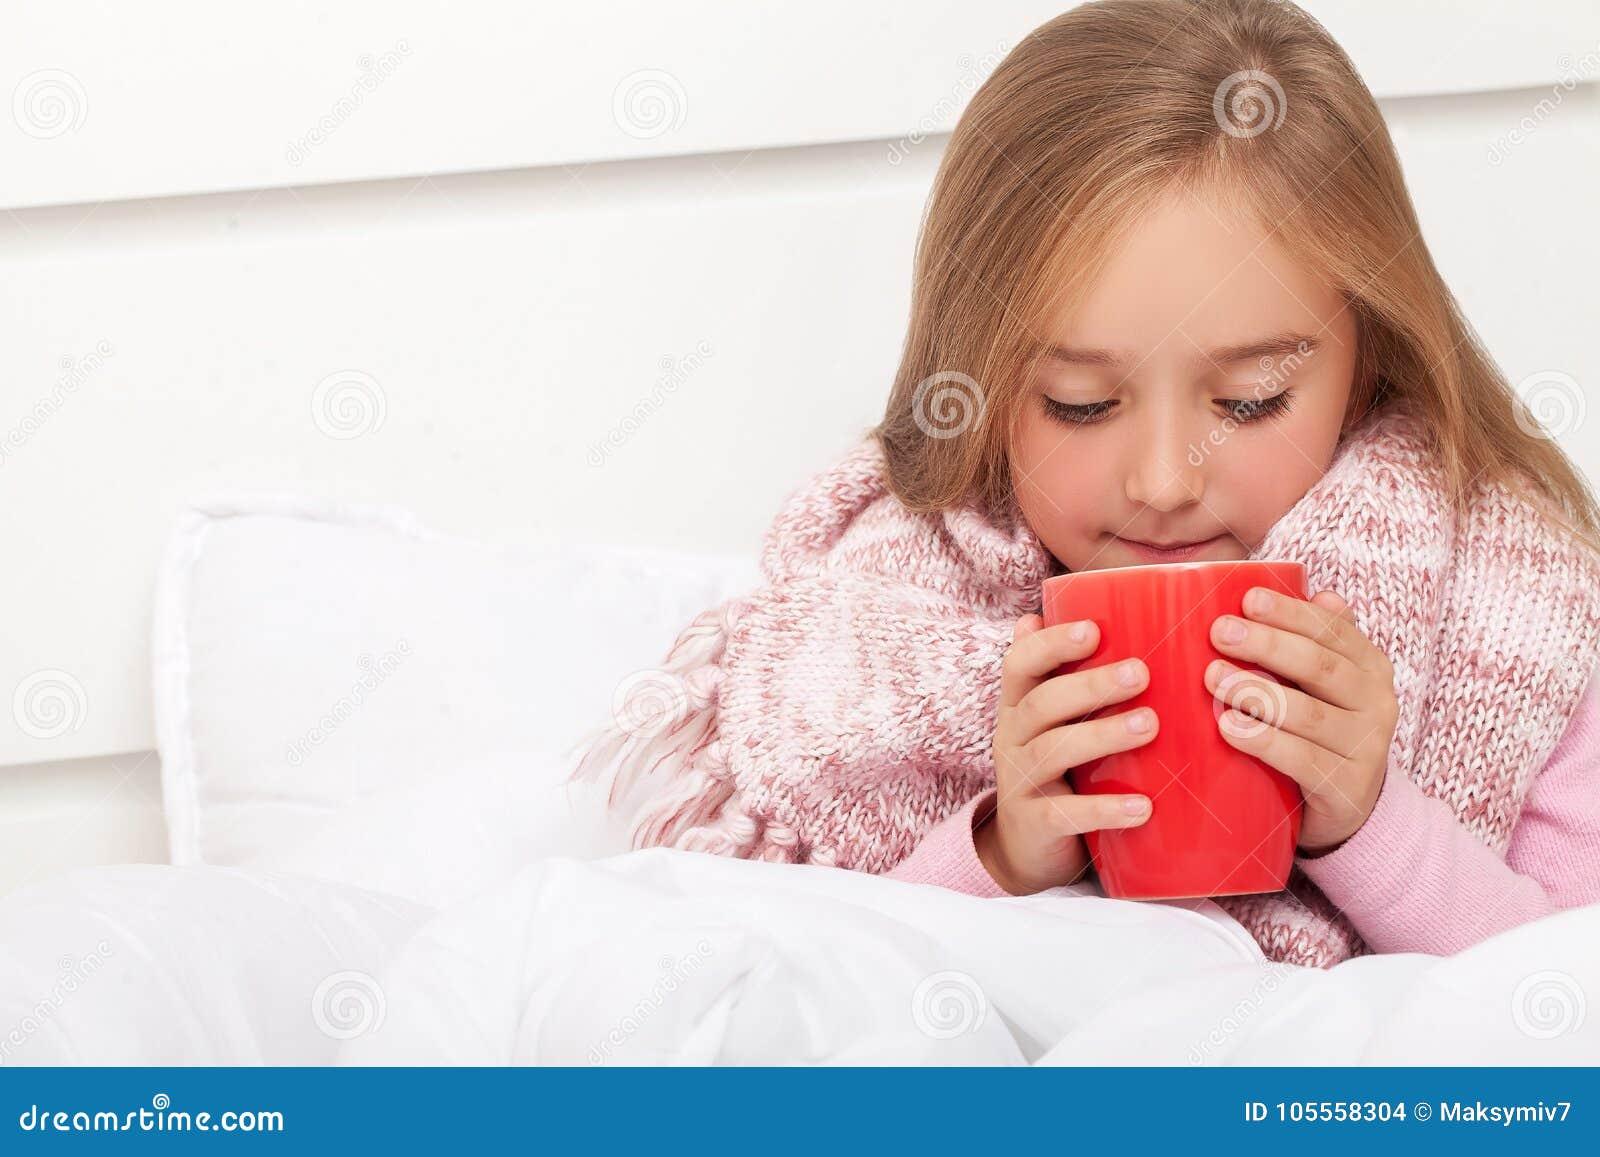 Feber, förkylning och influensa - mediciner och varmt te i nära, sjuk flicka I